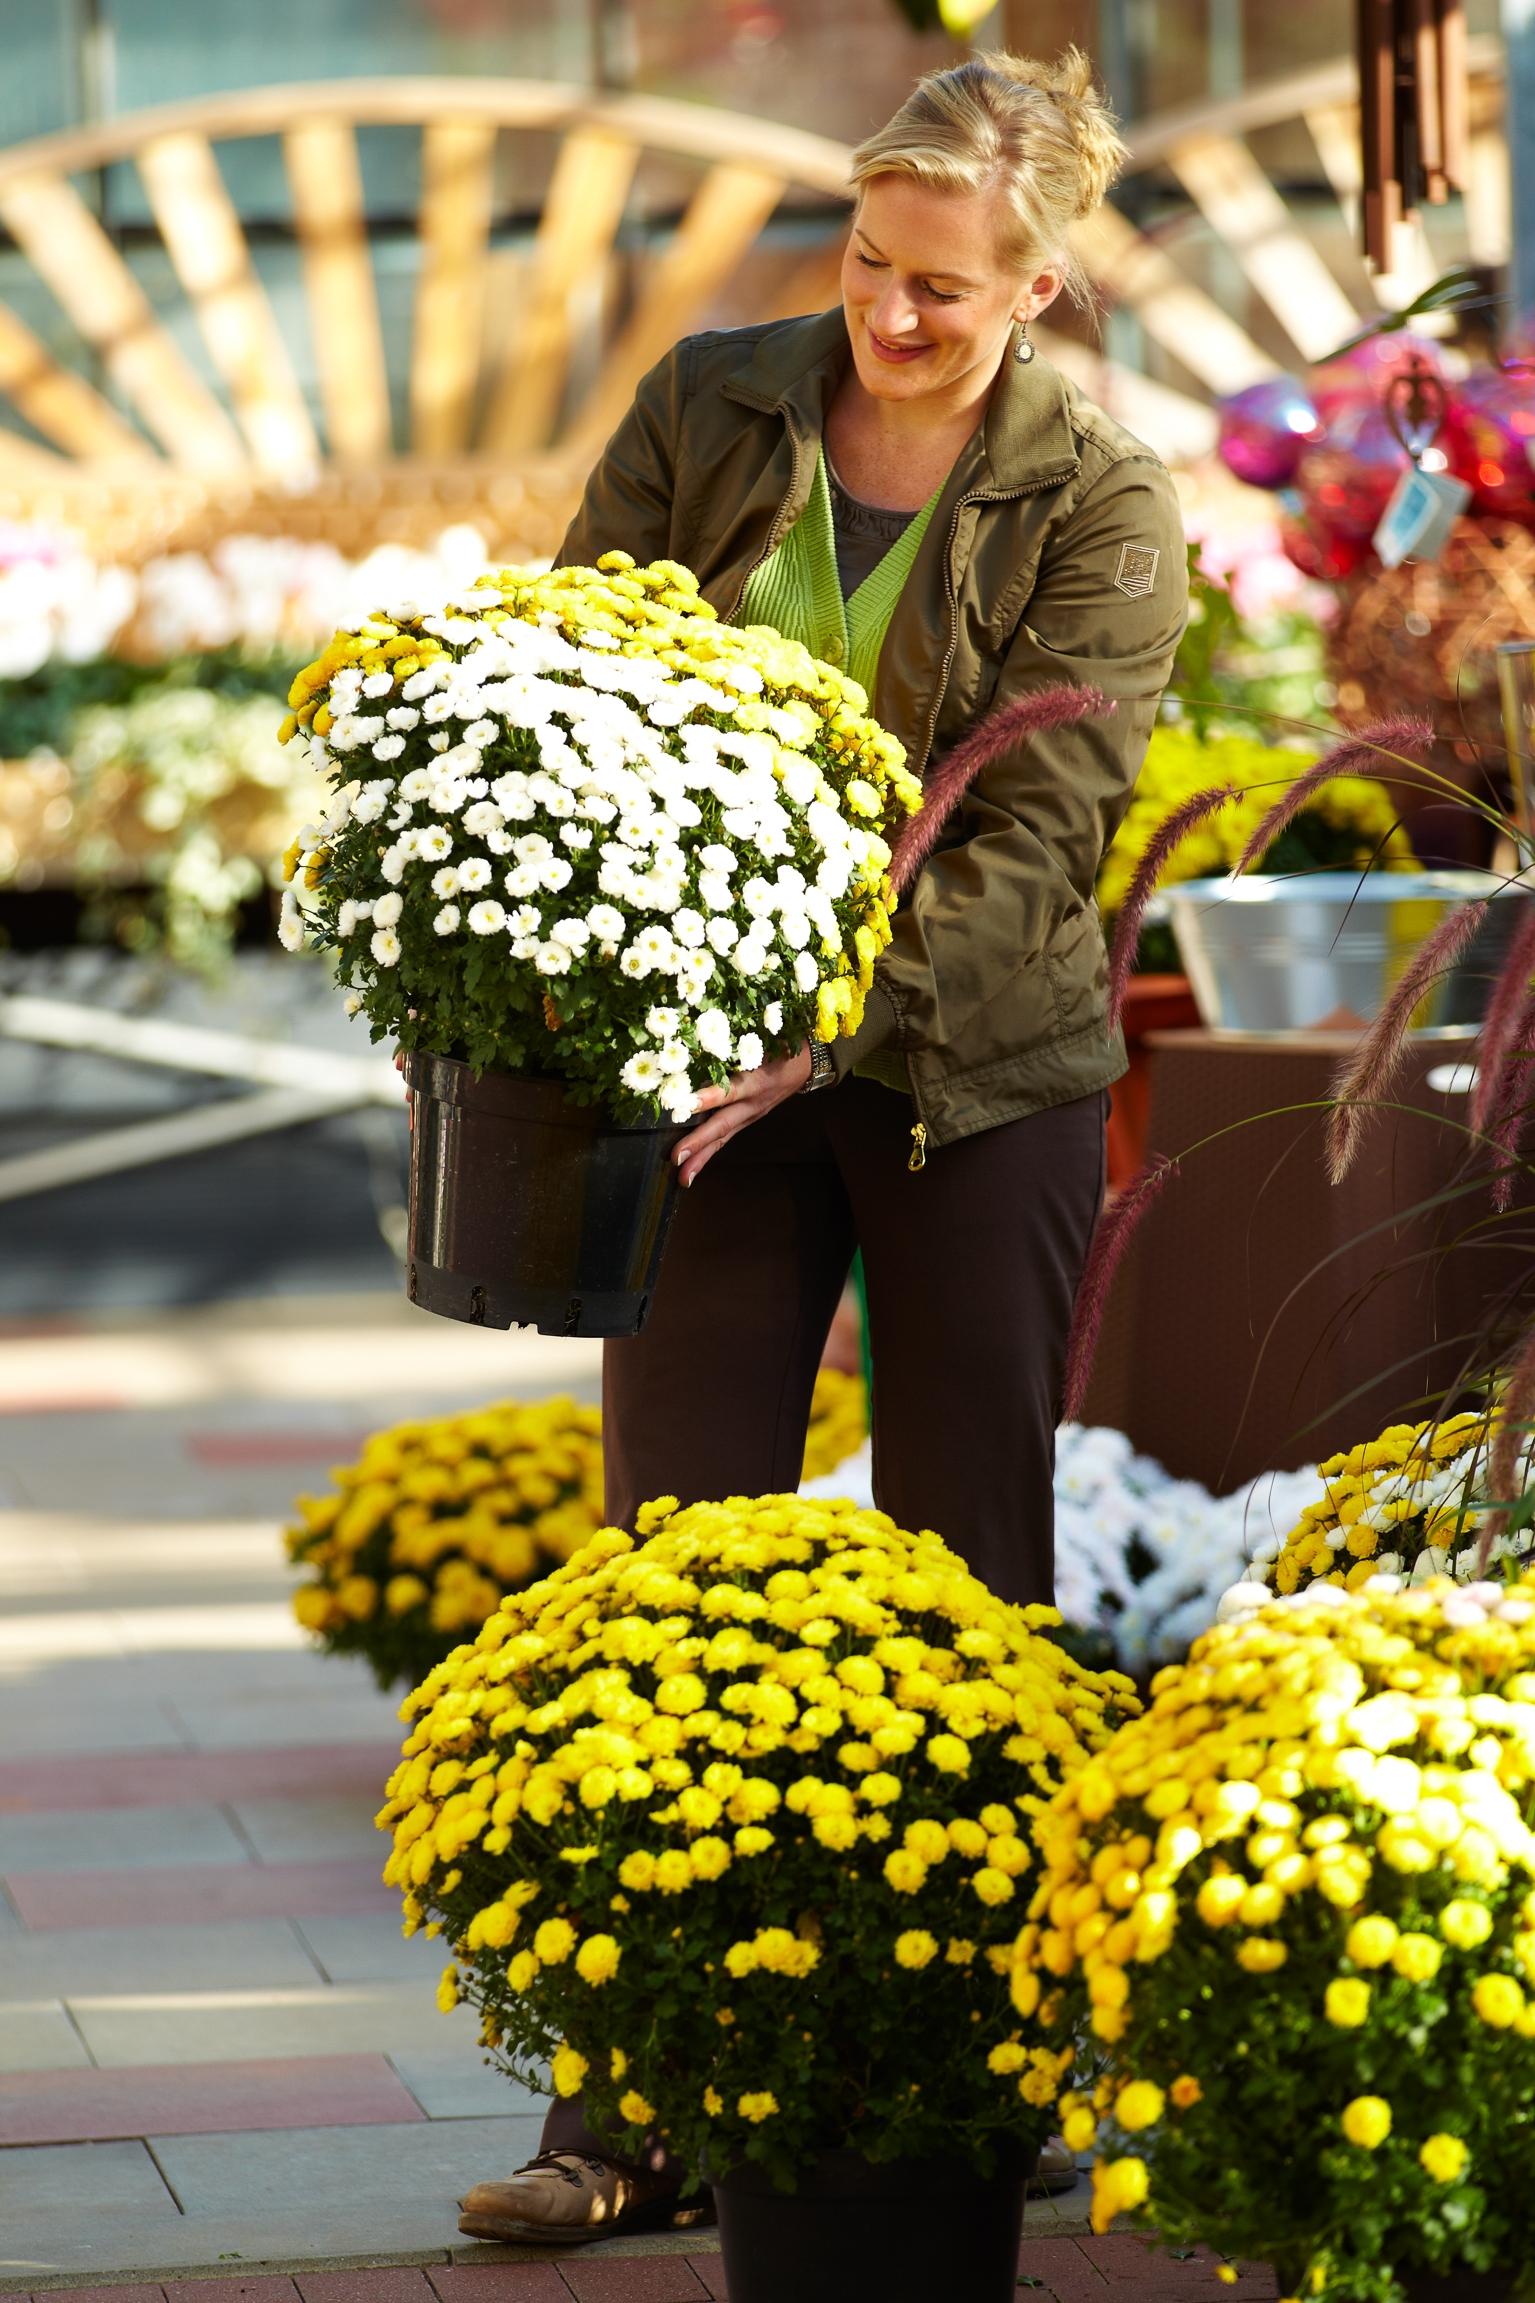 Herbstpflanzen in warmen Farben sind echte Stimmungsaufheller